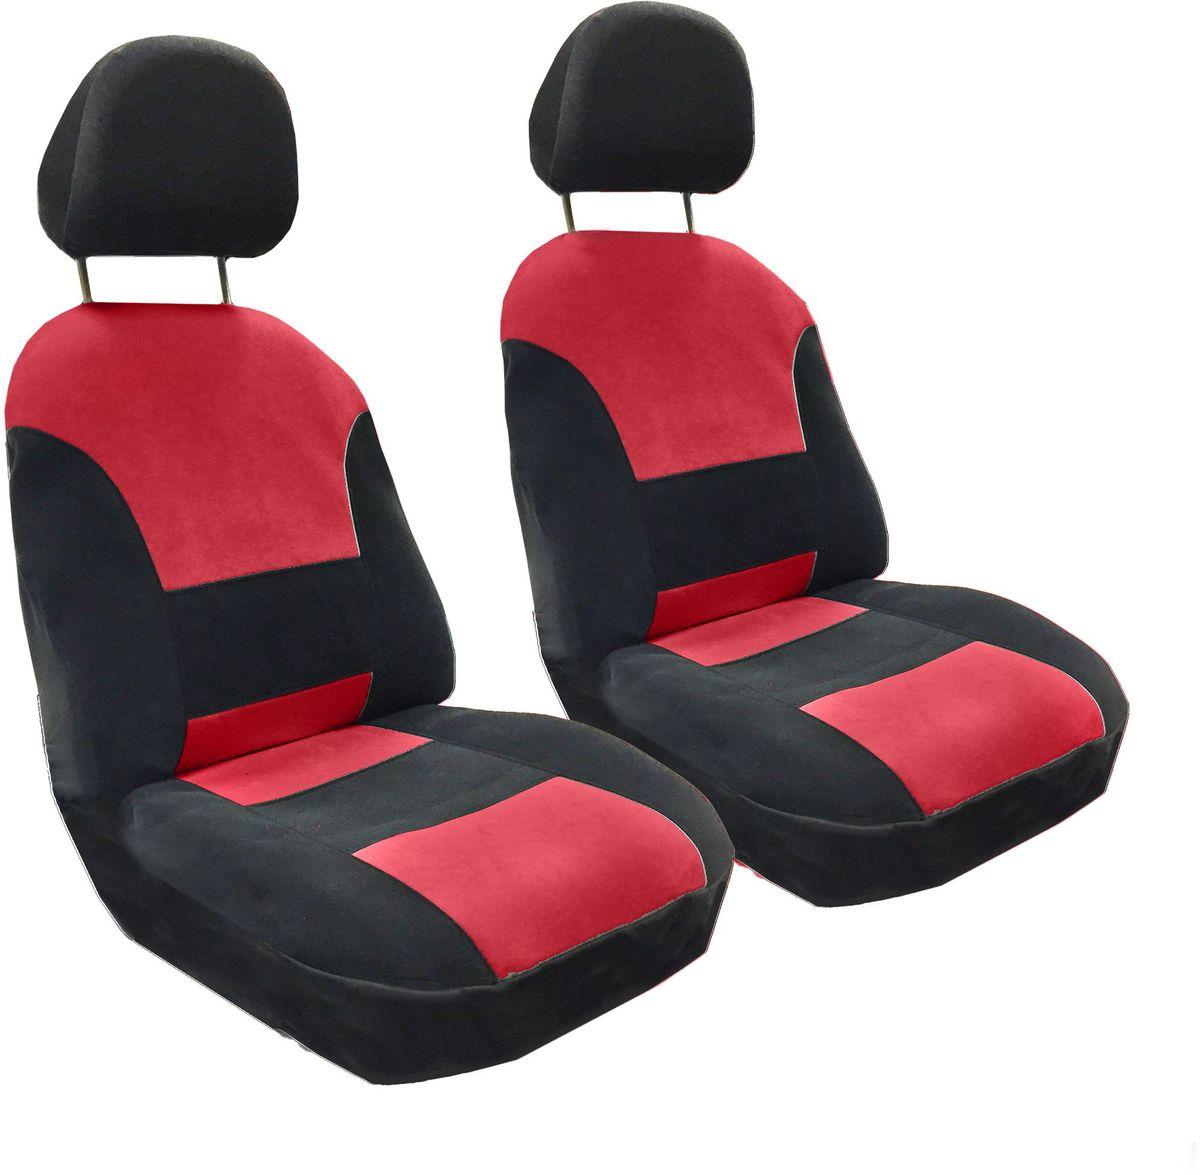 Набор автомобильных чехлов Auto Premium Флагман, цвет: черный, красный, 4 предметаВетерок 2ГФКомплект универсальных чехлов Auto Premium Флагман выполнен из велюра, предназначен для передних кресел автомобиля. На задней спинке чехла расположен вшивной карман. В комплект входят съемные чехлы для подголовников. Практичный и долговечный комплект чехлов для передних сидений надежно защищает сиденье водителя и пассажира от механических повреждений, загрязнений и износа.